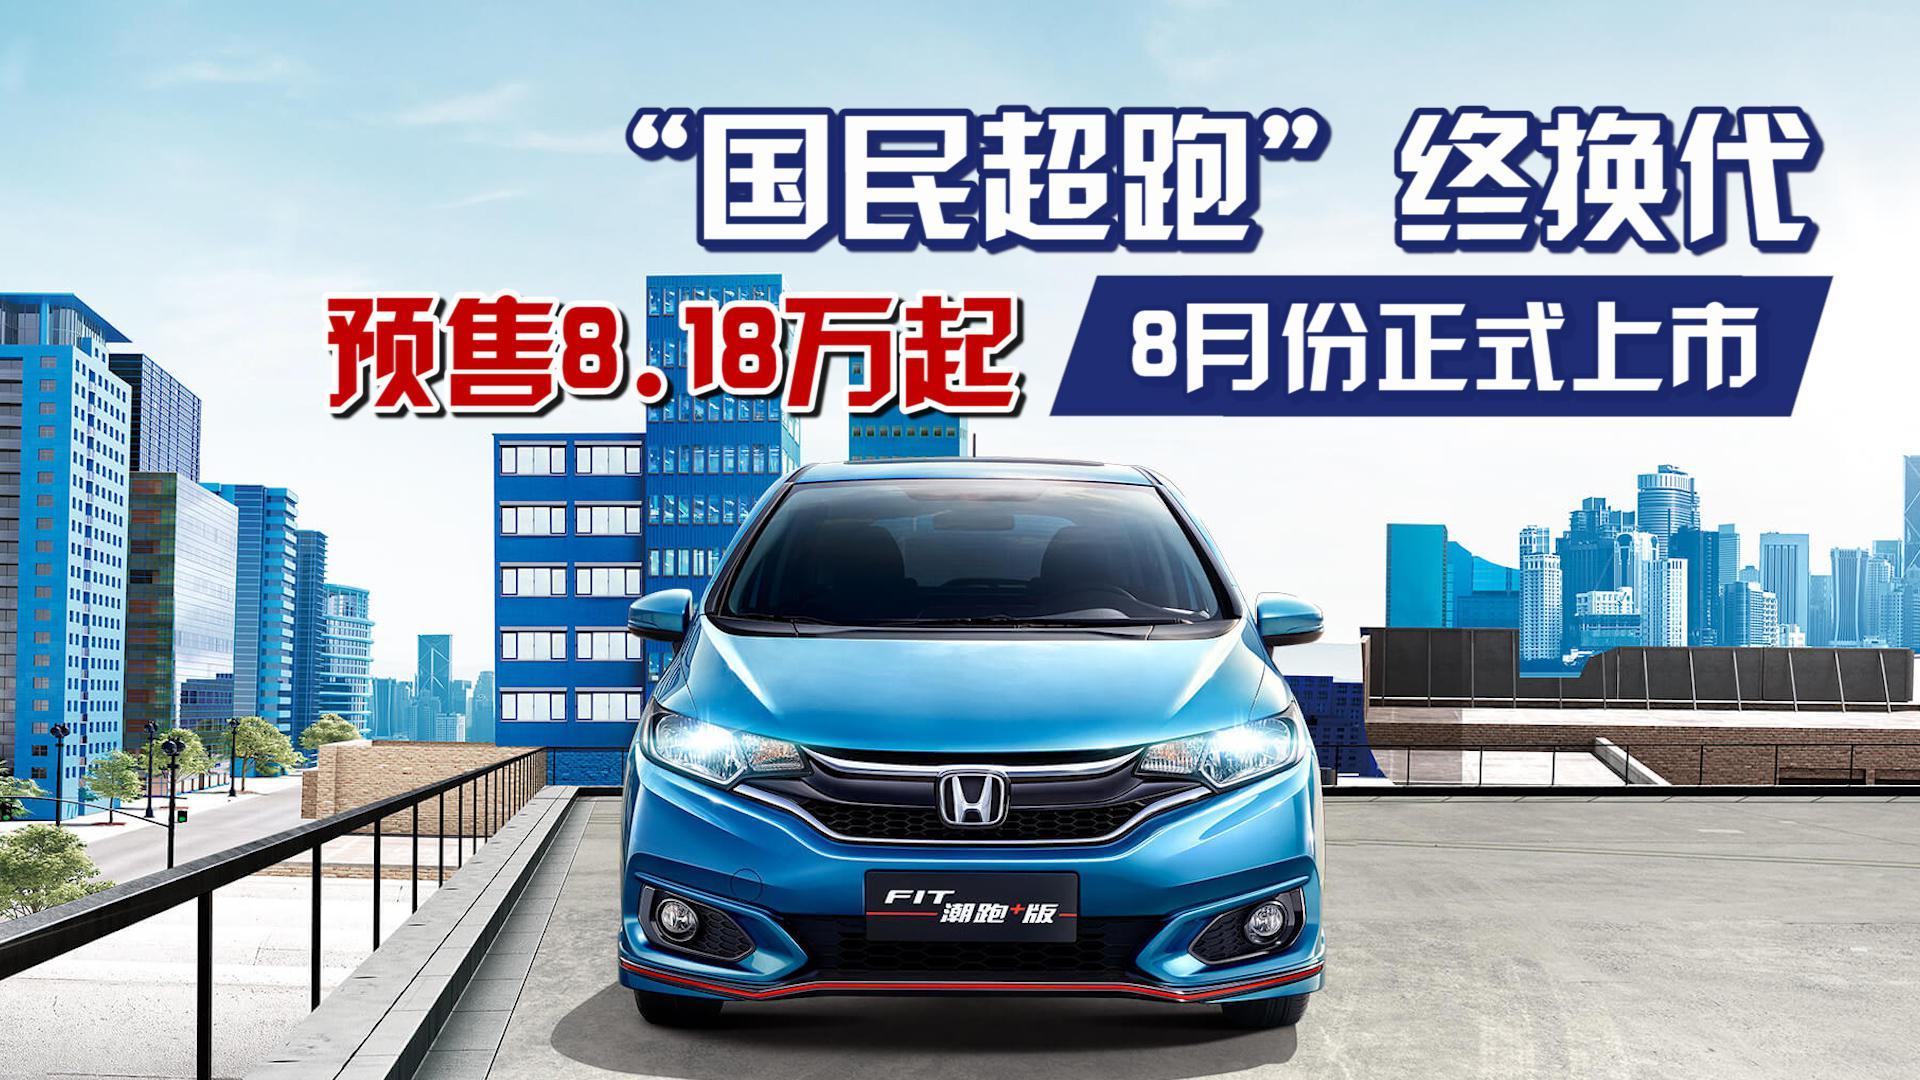 """""""国民超跑""""终换代,预售8.18万起,8月份正式上市"""